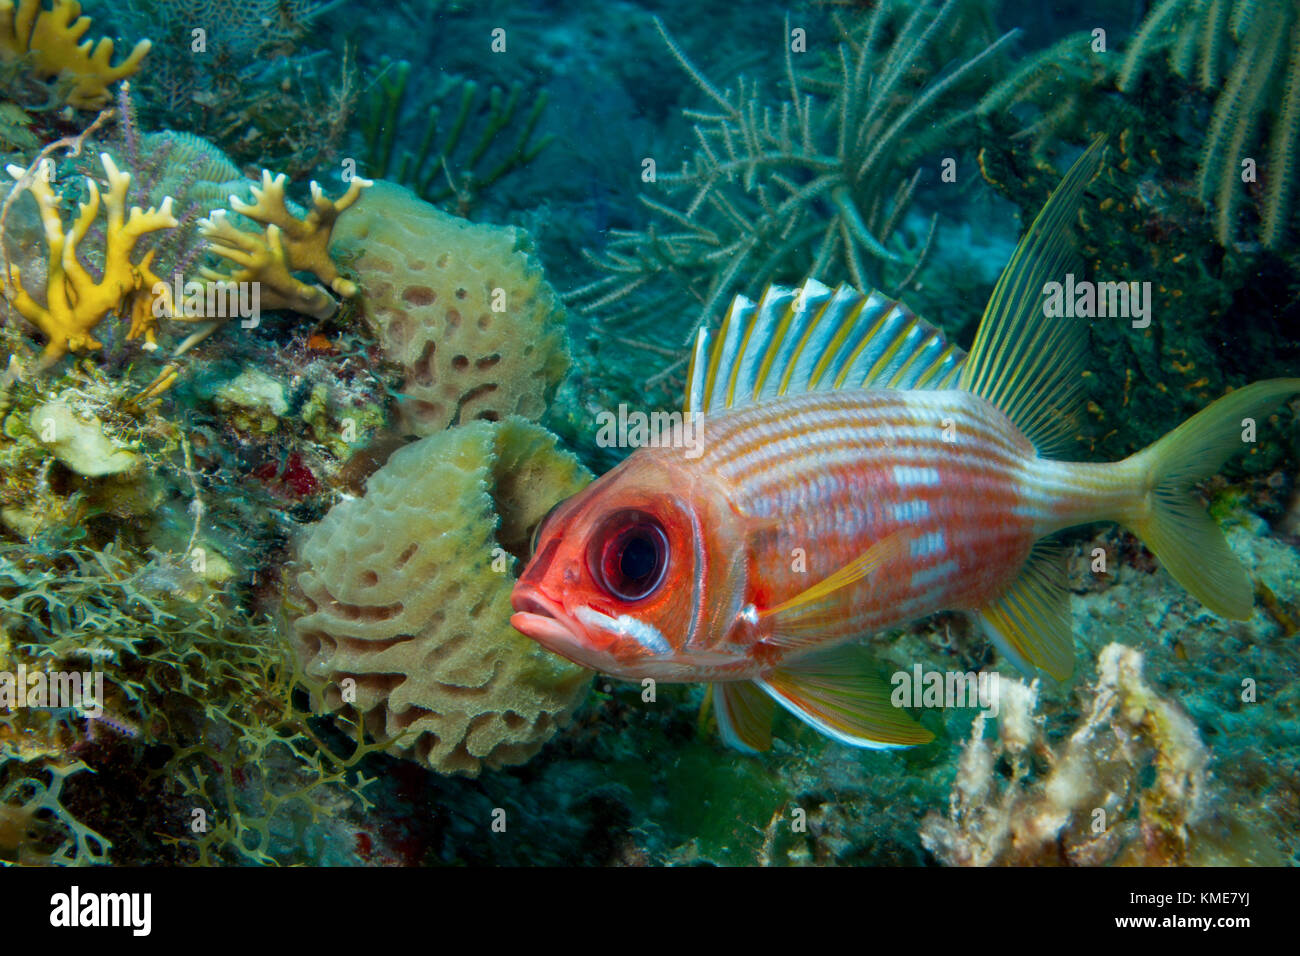 Wary squirrelfish. Stock Photo